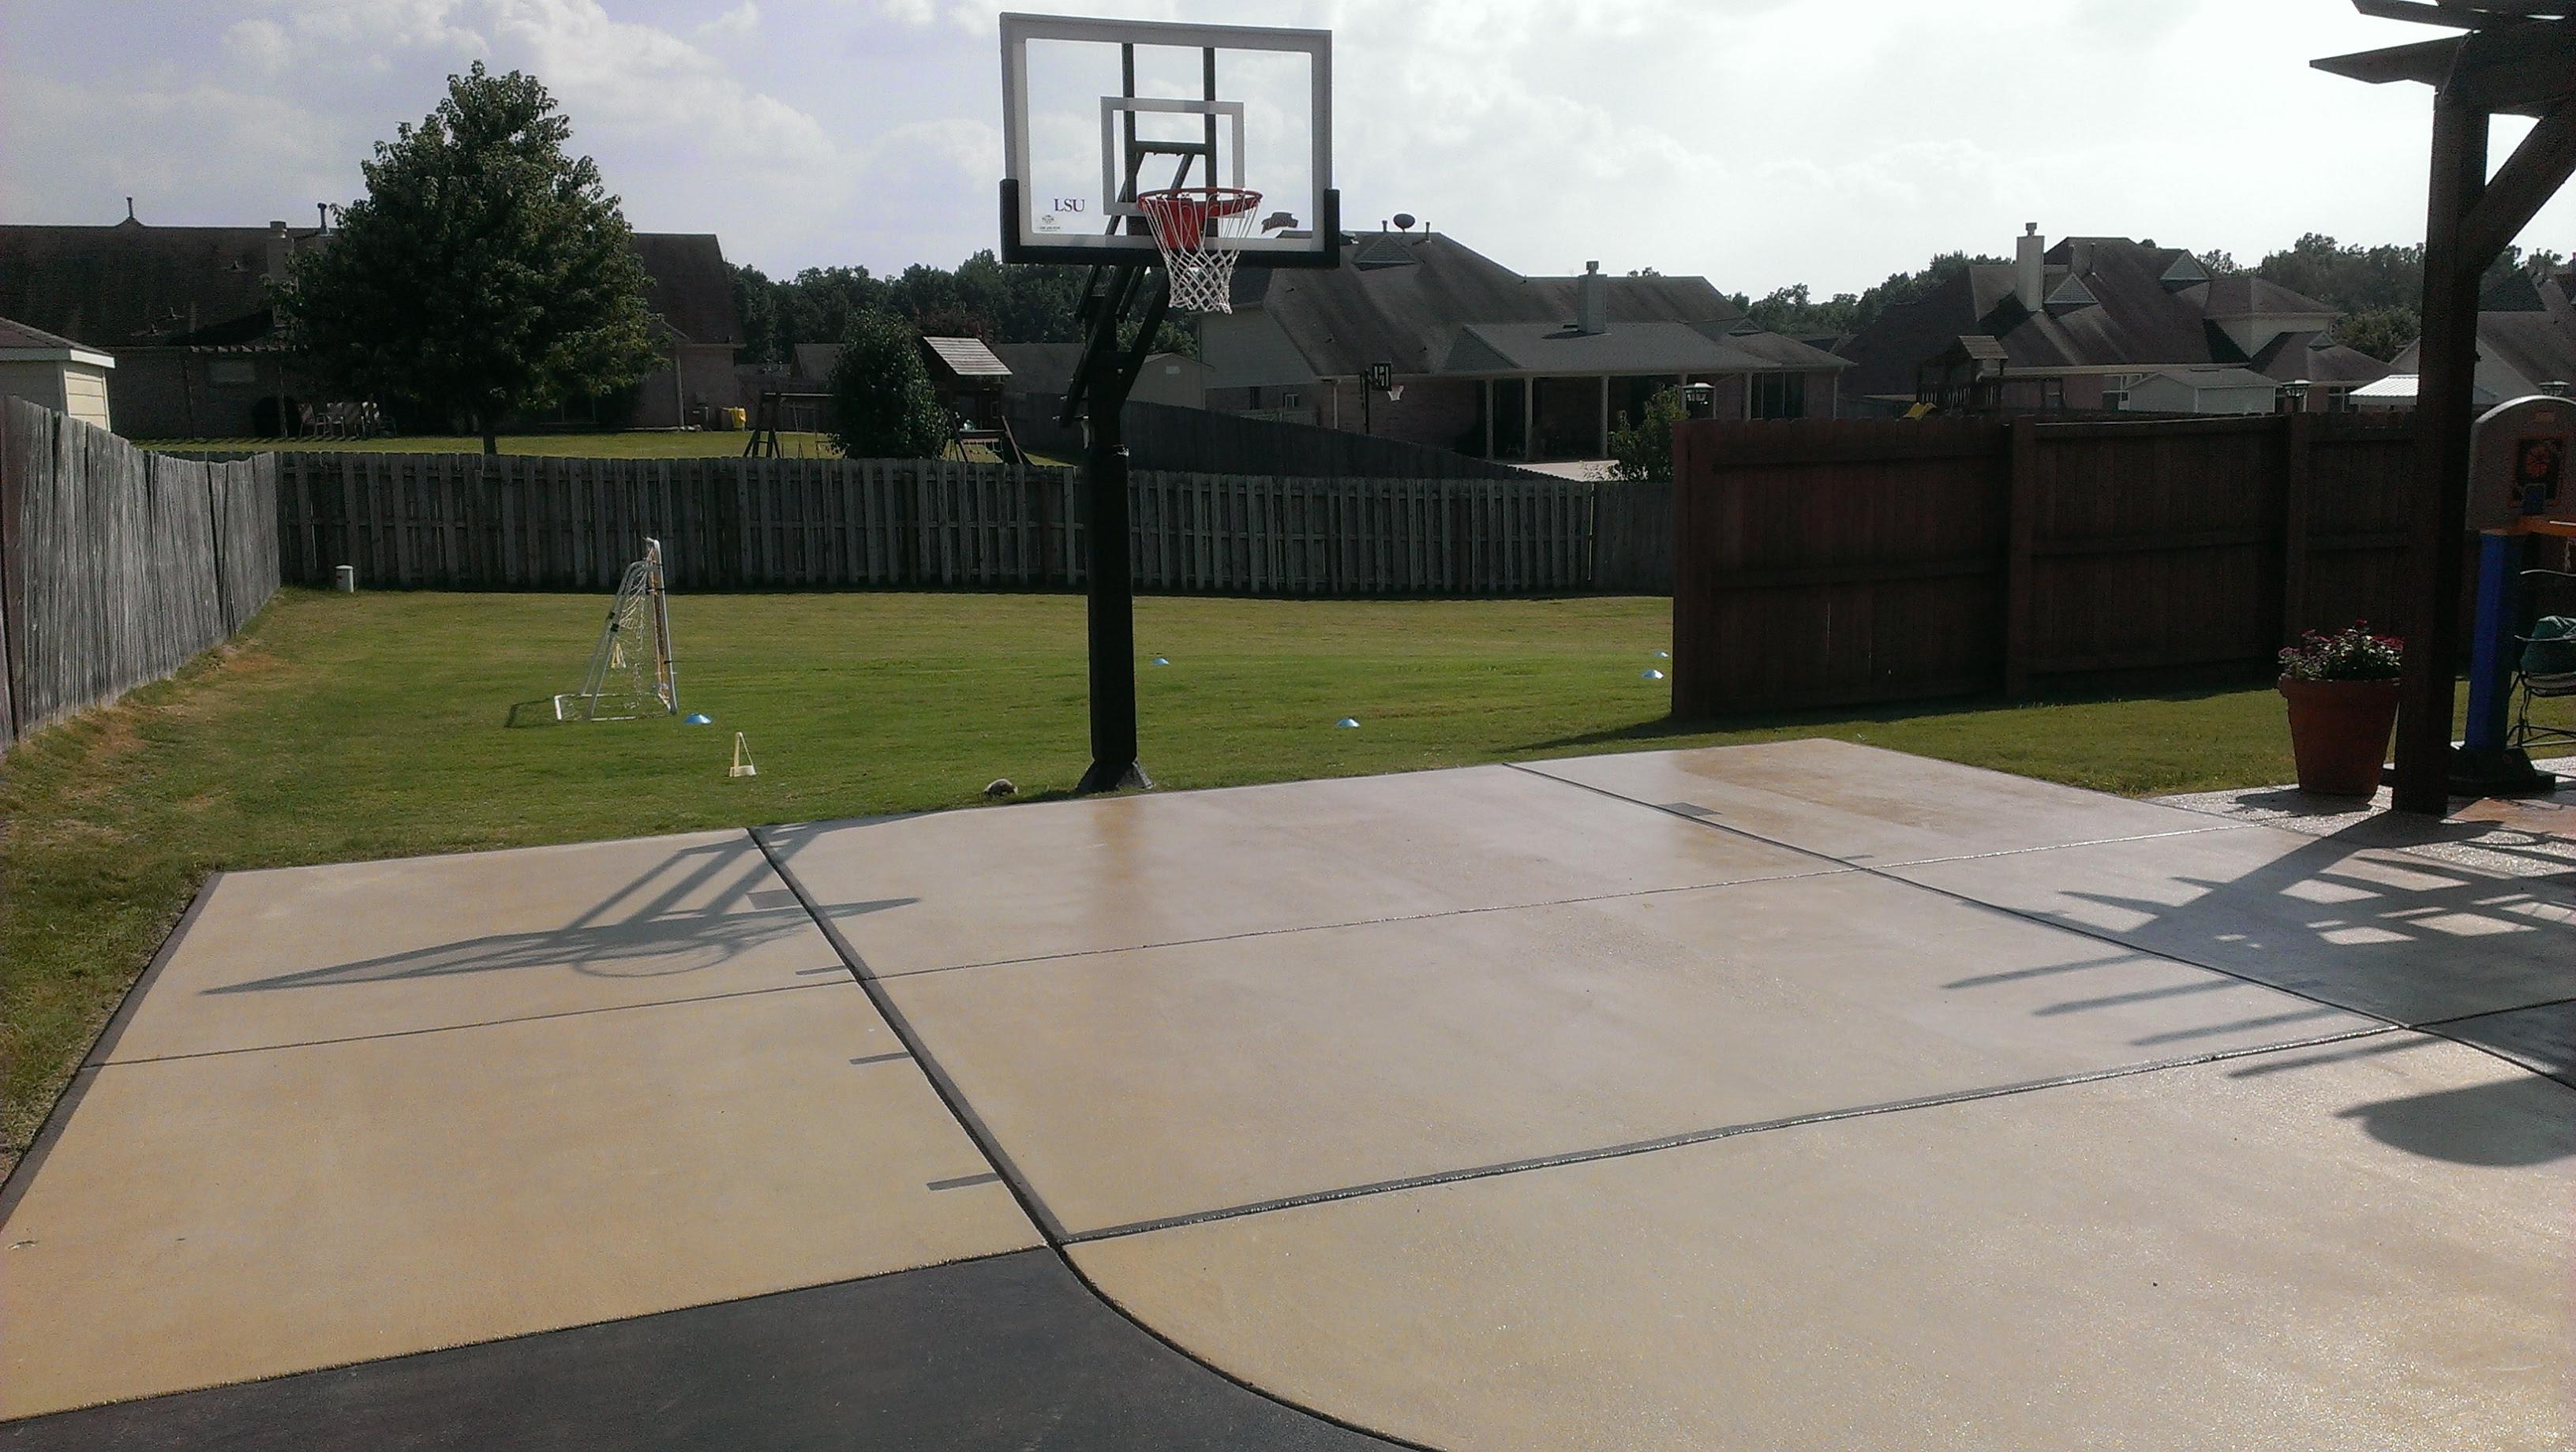 Nice Backyard Concrete Slab For Playing Ball